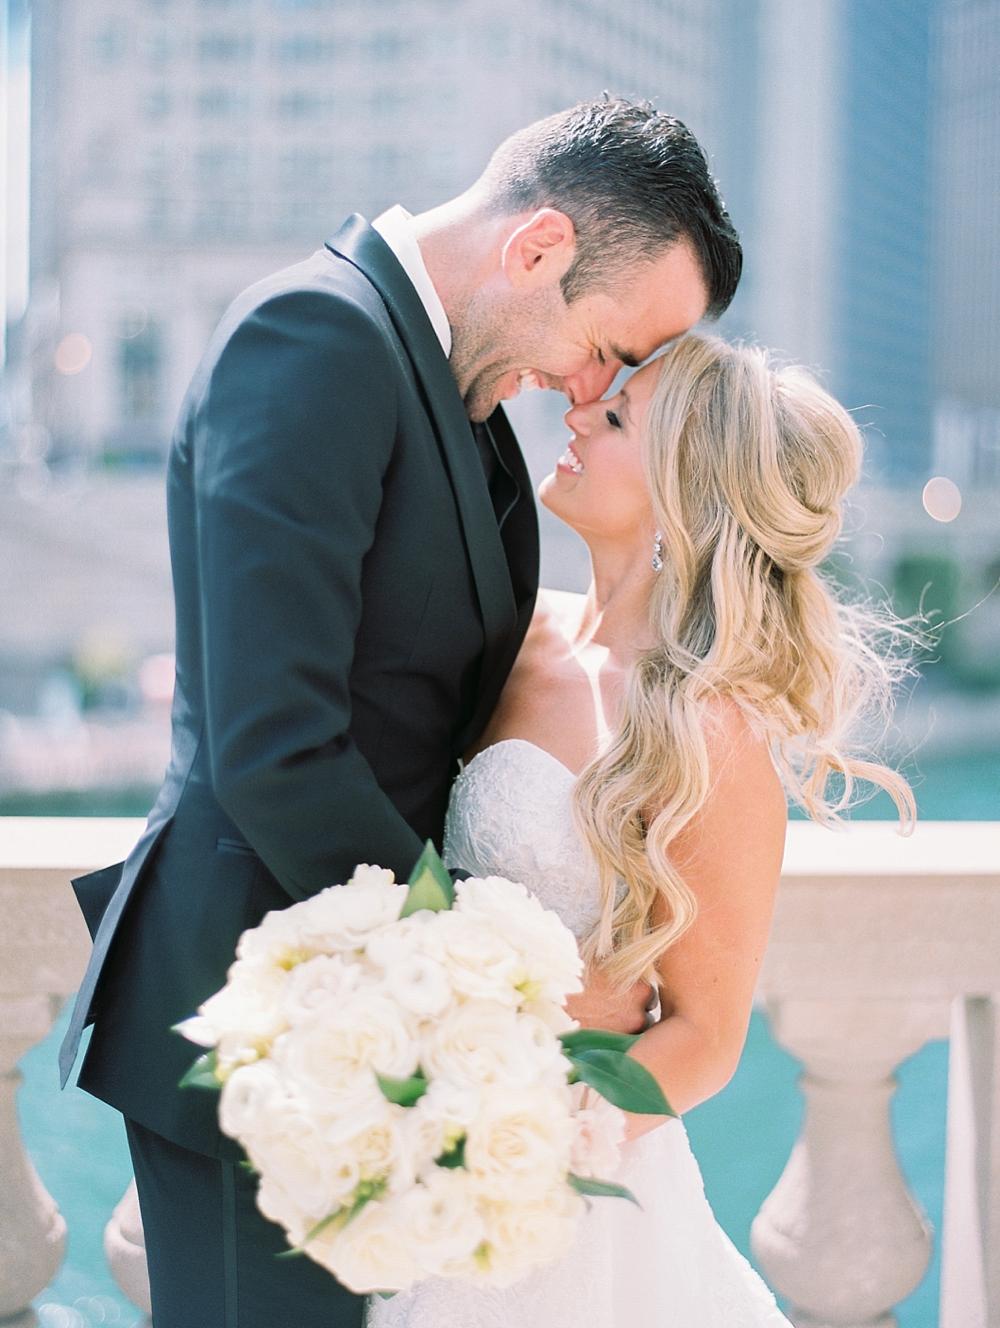 kristin-la-voie-photography-Chicago-Botanic-Garden-Wedding-8-29-21-74